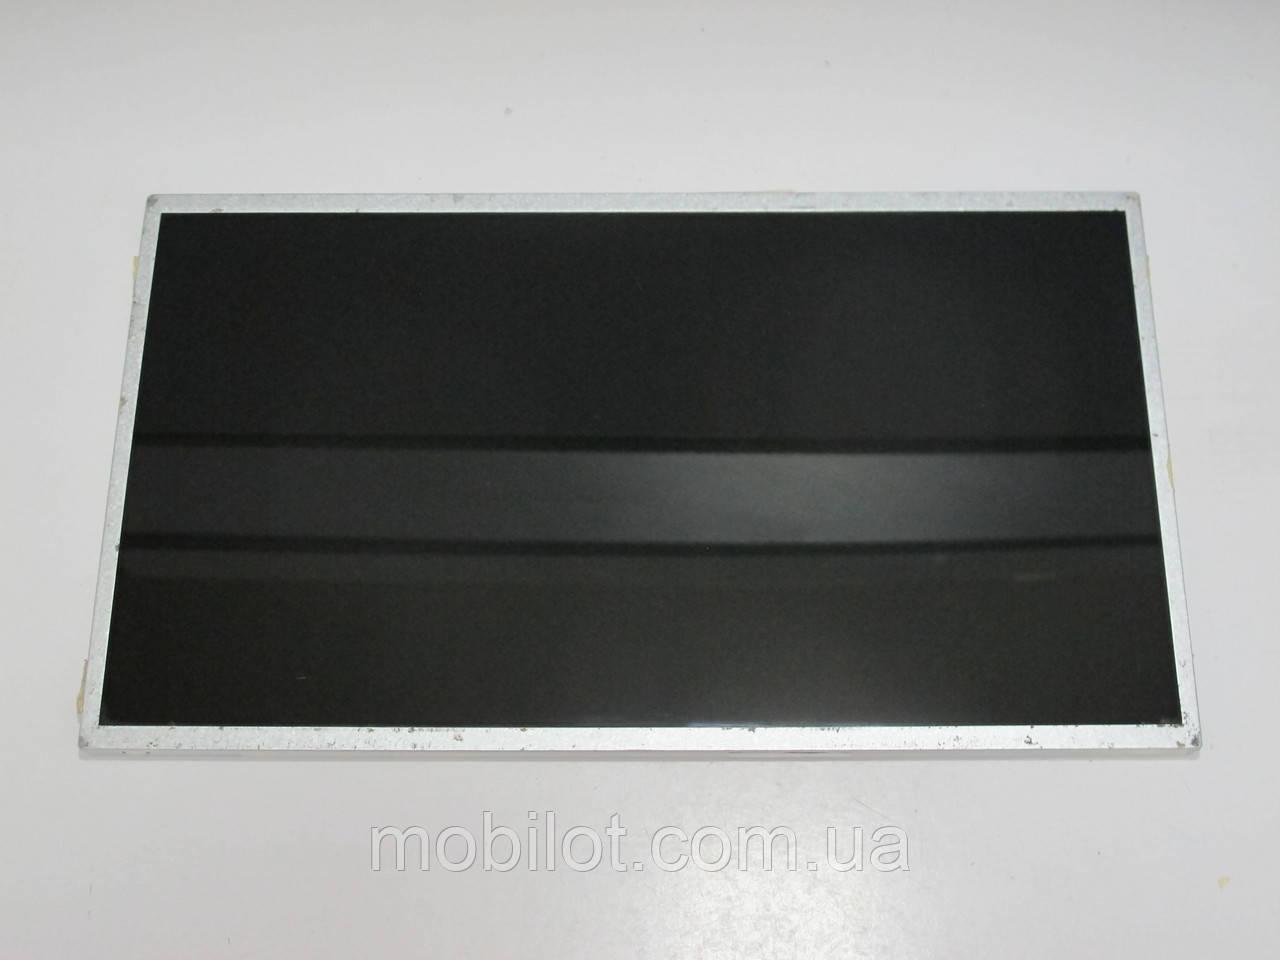 Экран (матрица)  Asus 14.0 Led (NZ-7153)